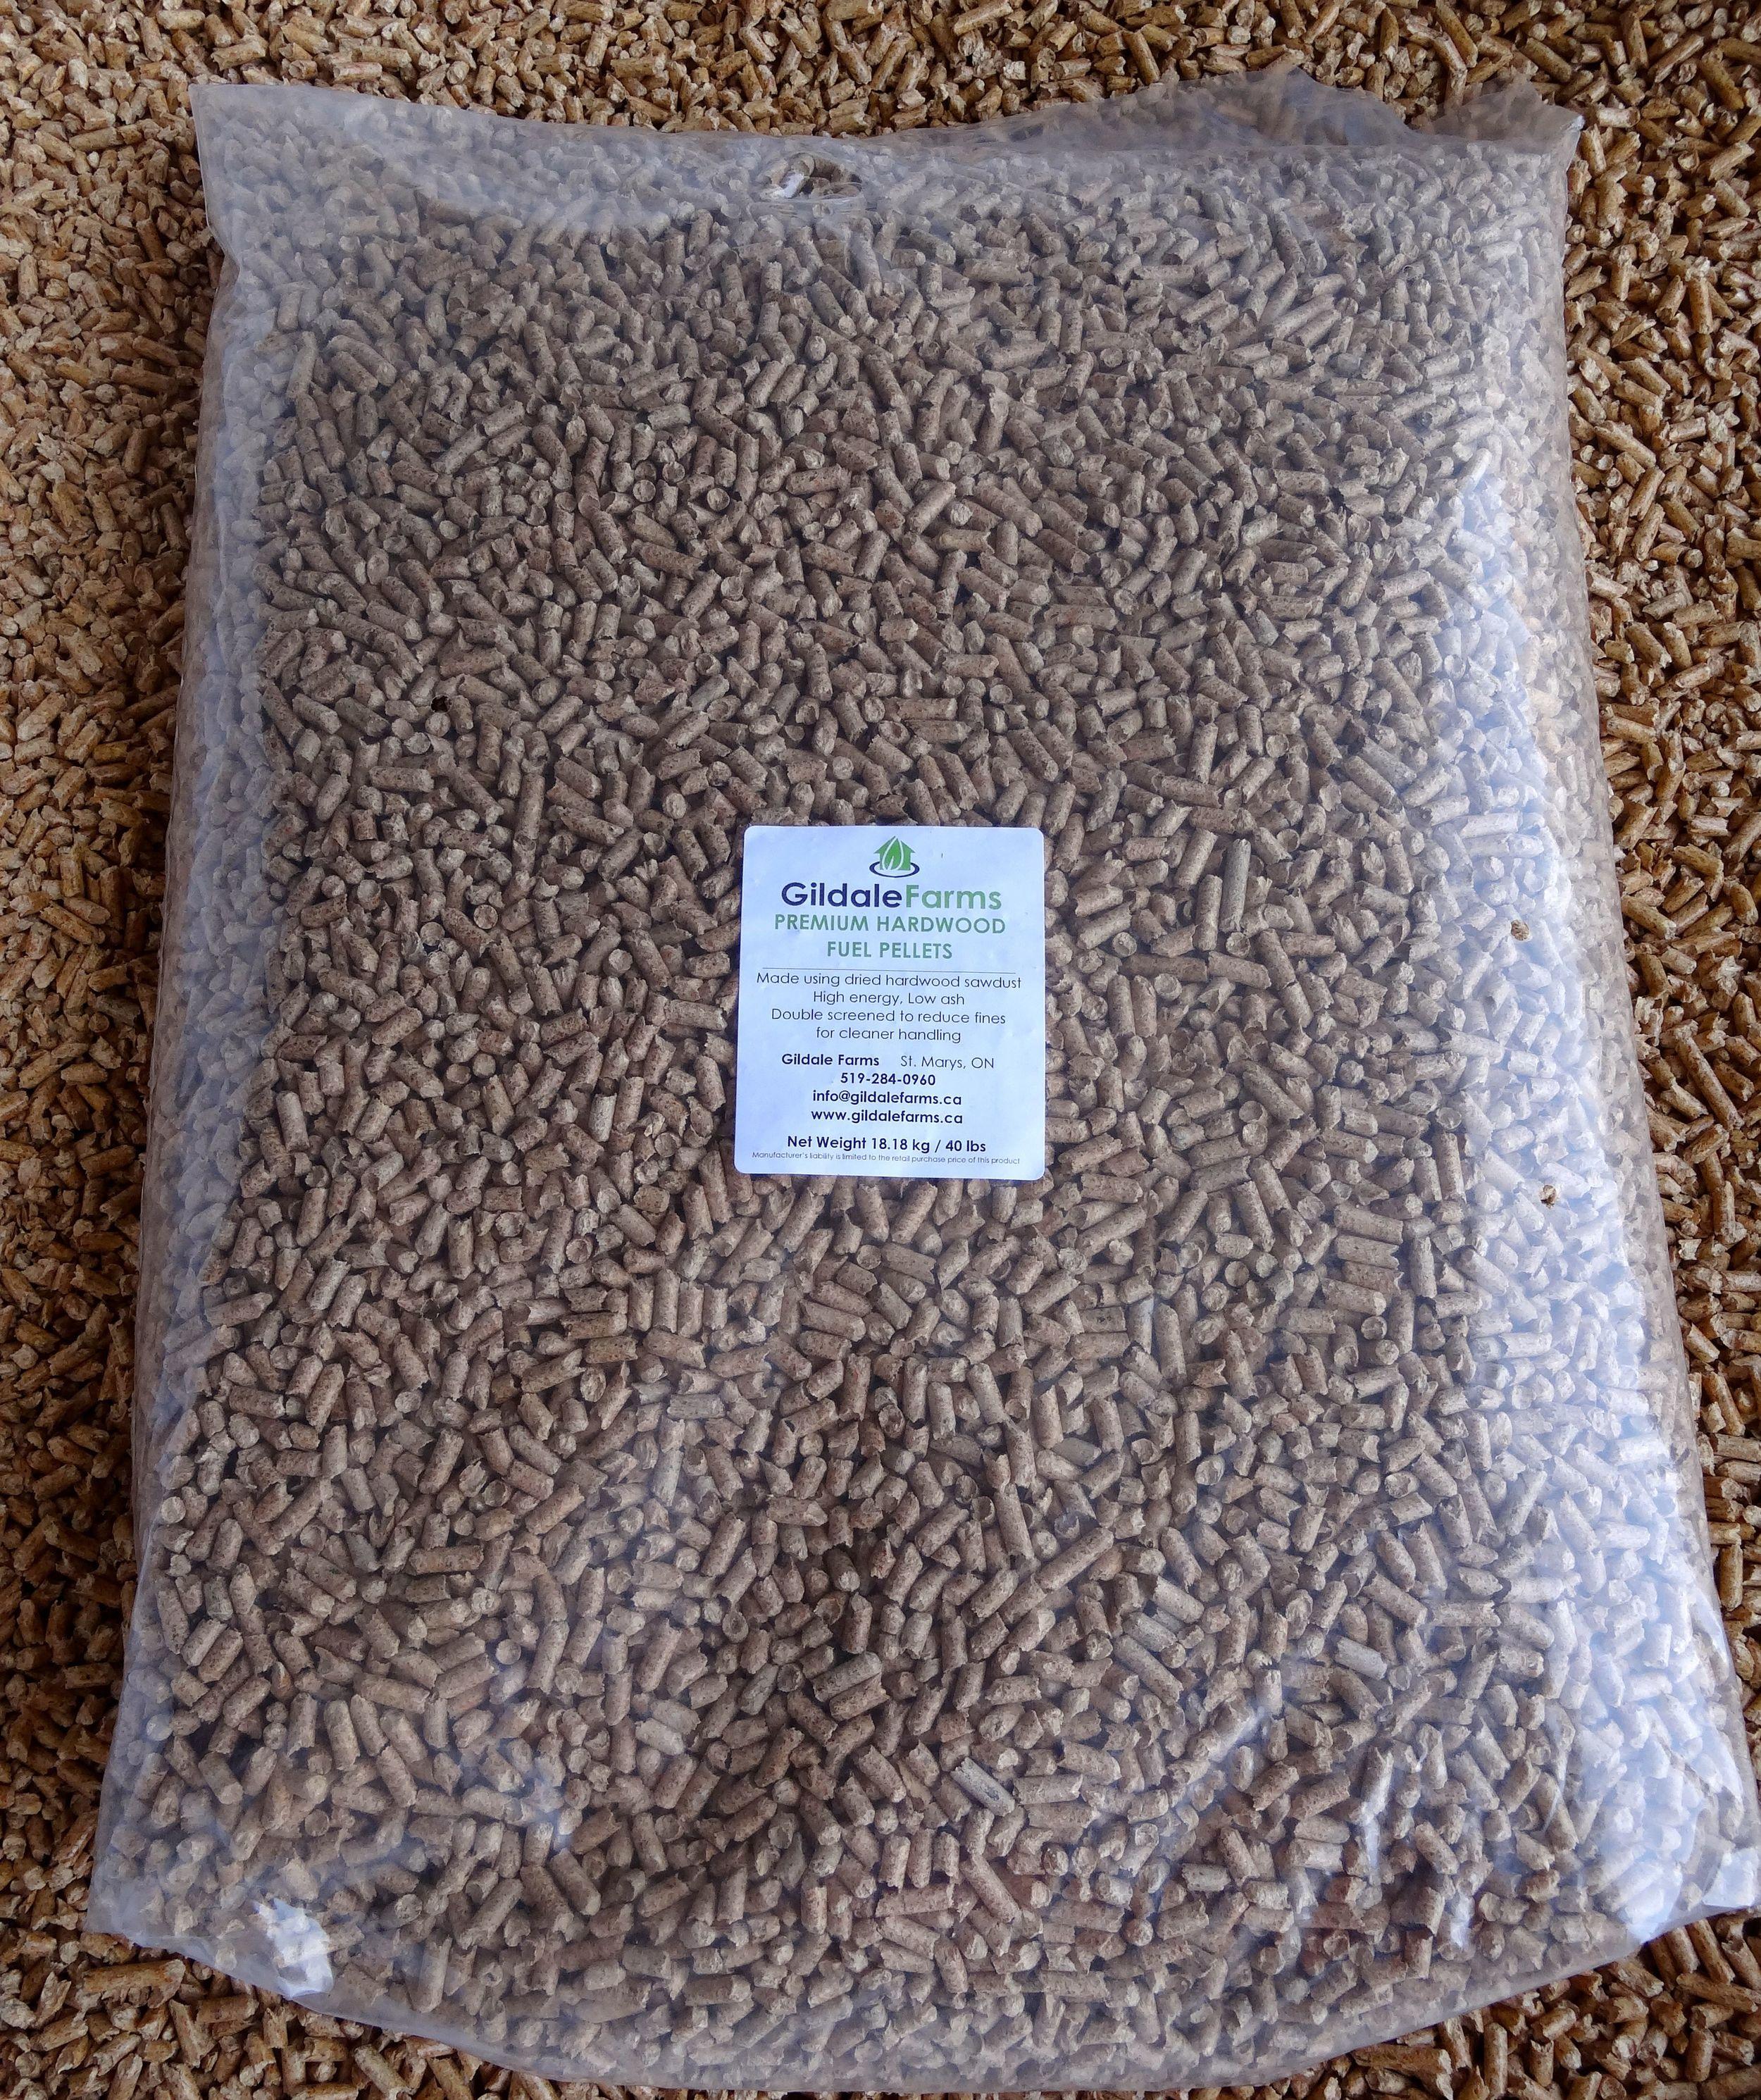 $5.80 per 40 lb bag